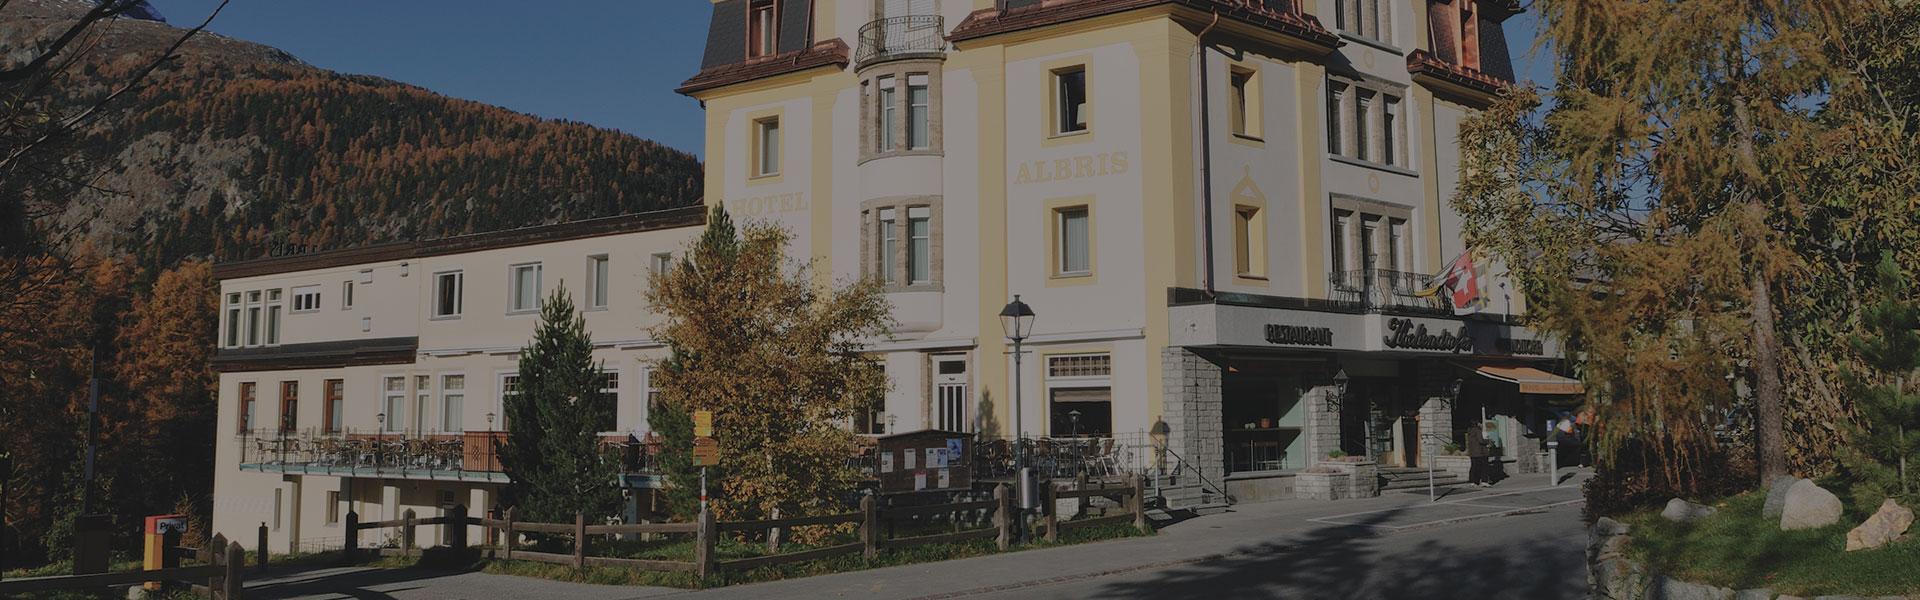 Hotel Albris Sommer